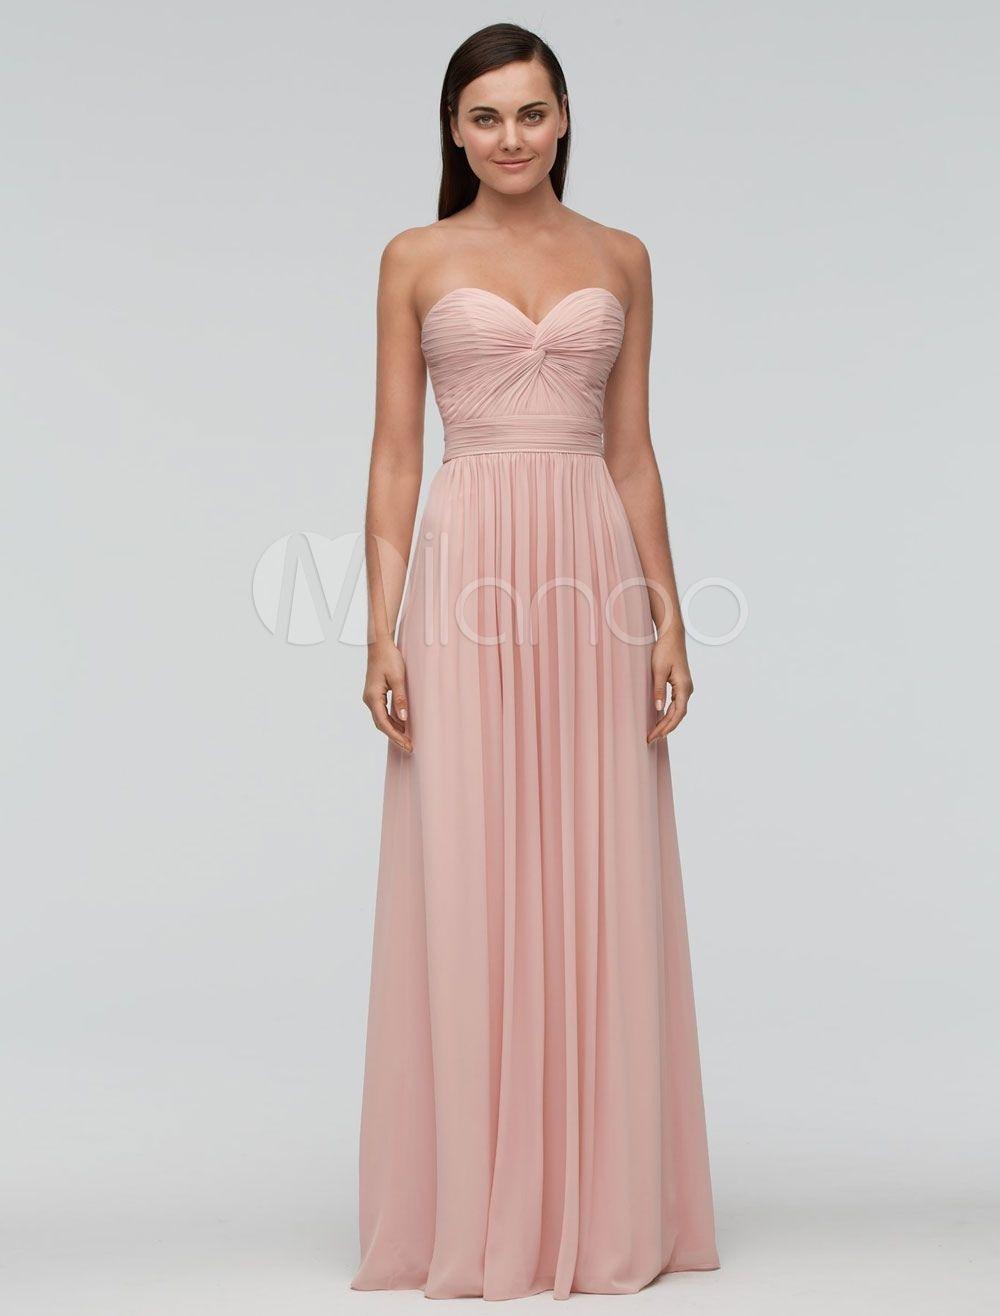 20 Ausgezeichnet Kleider Für Hochzeitsgäste Rosa SpezialgebietAbend Schön Kleider Für Hochzeitsgäste Rosa Ärmel